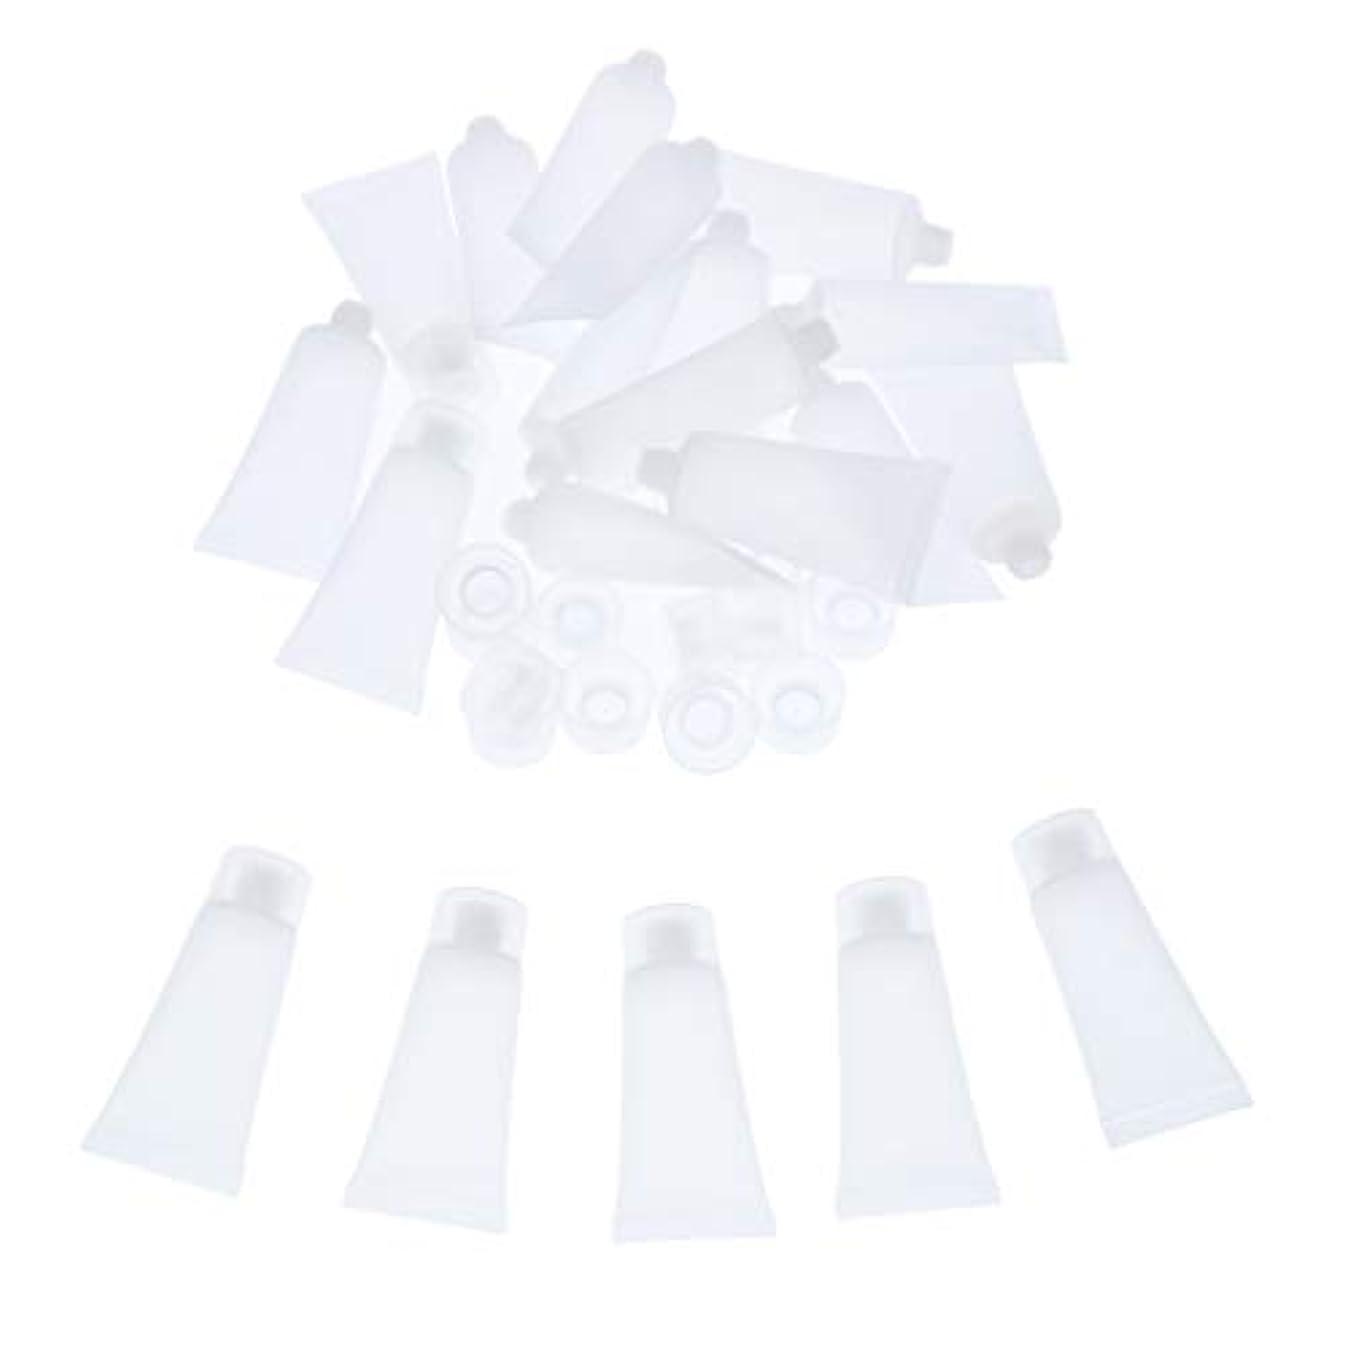 埋め込む証明ジョージバーナードクリーム チューブ 詰め替え ローション チューブ プラスチック素材 約20個入り 全4サイズ - 20ml